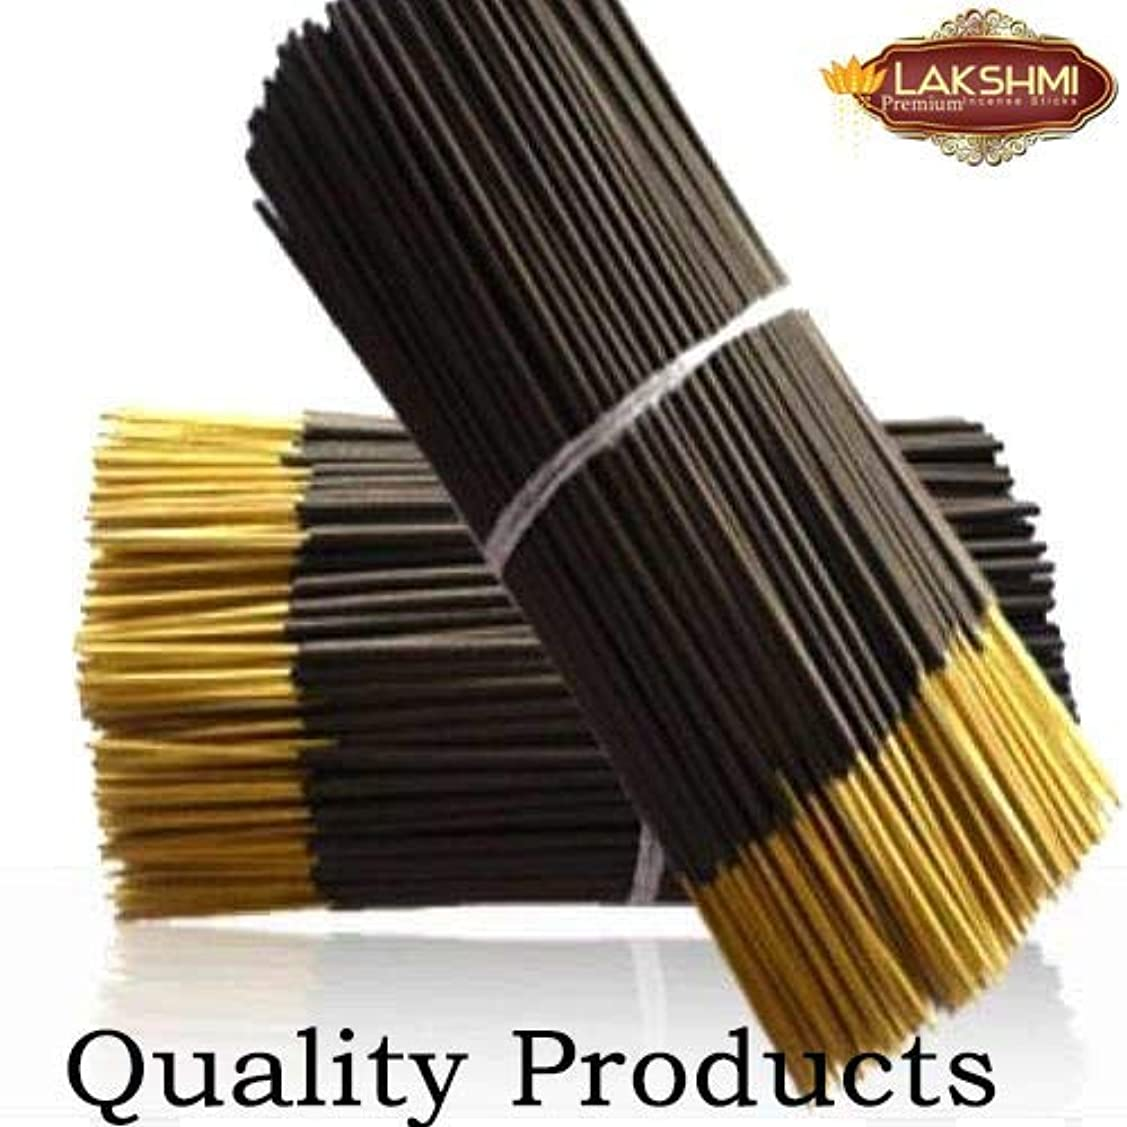 スーパーマーケット薄める視力Lakshmi Natural Products Raw Agarbatti Sticks 9